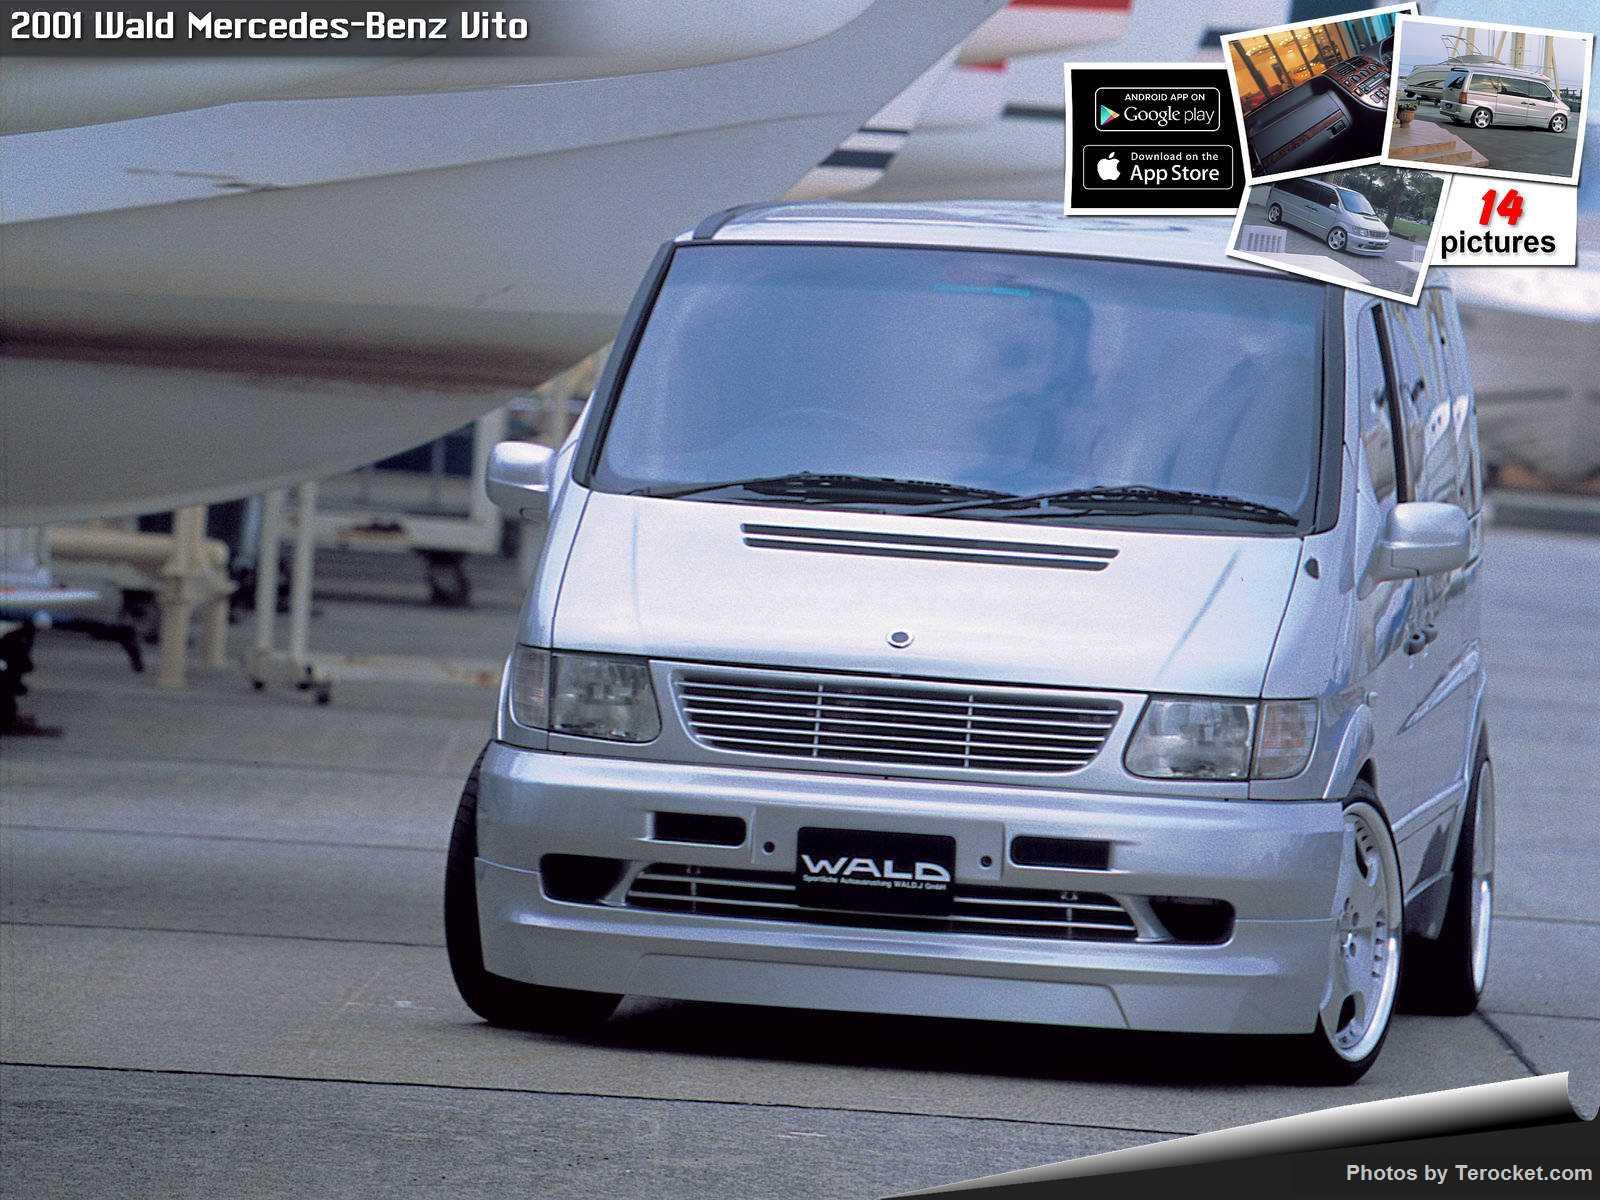 Hình ảnh xe độ Wald Mercedes-Benz Vito 2001 & nội ngoại thất